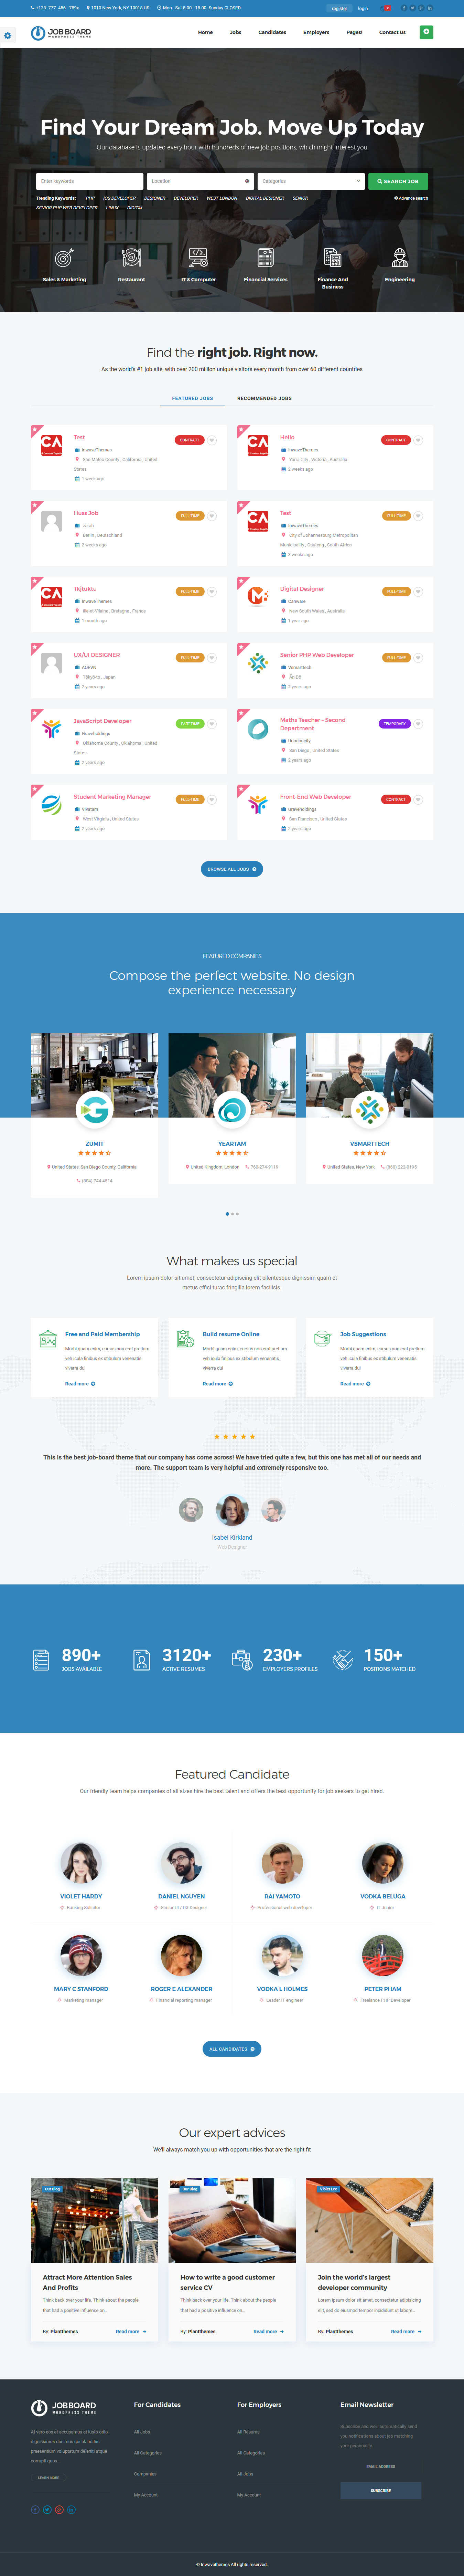 InJob - Best Premium Job Board WordPress Theme